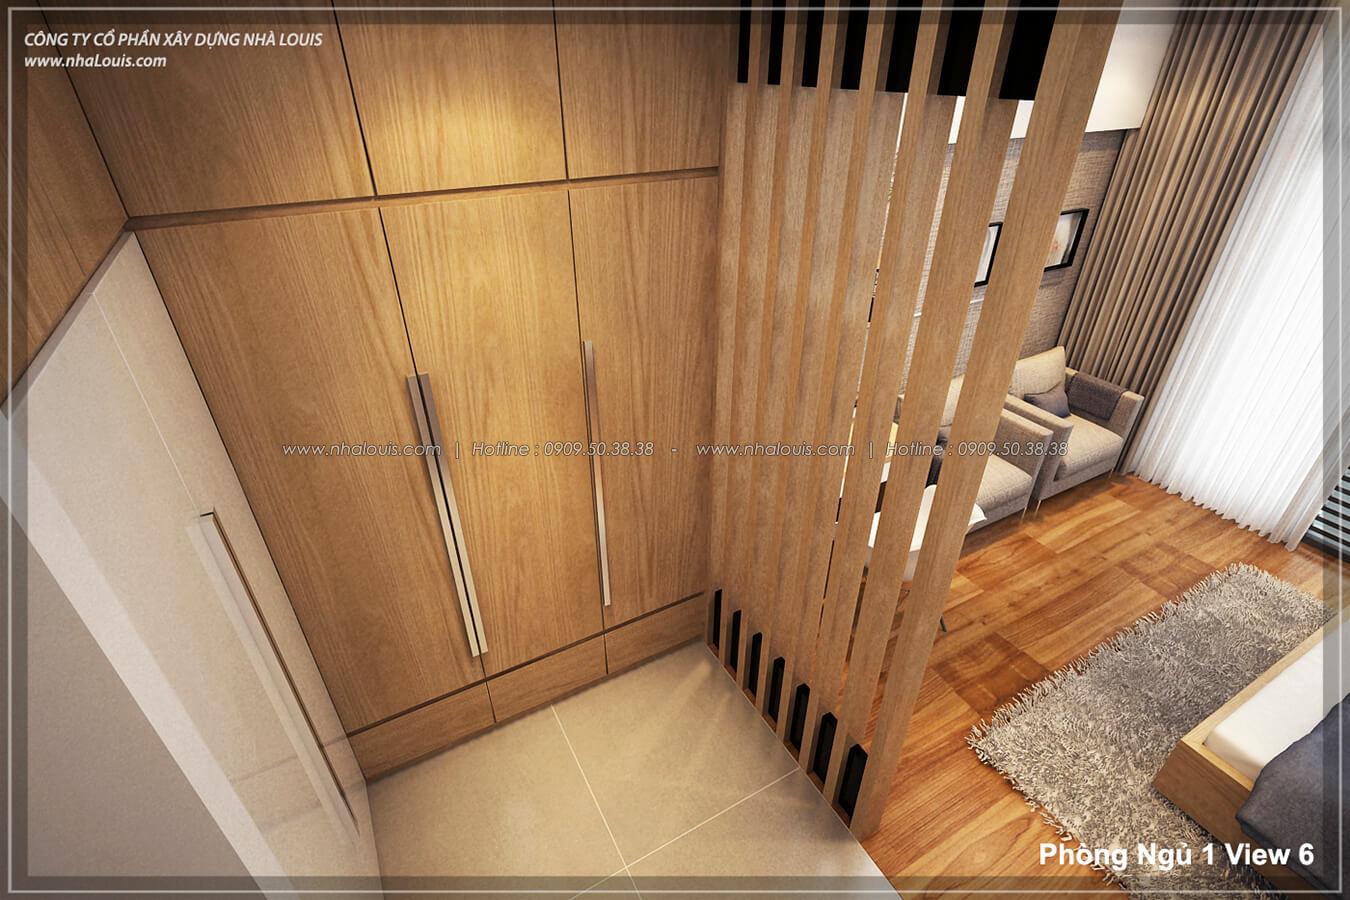 Phòng ngủ Thiết kế nhà lệch tầng đẹp 4.5x14.5m hiện đại tại quận Tân Bình - 17